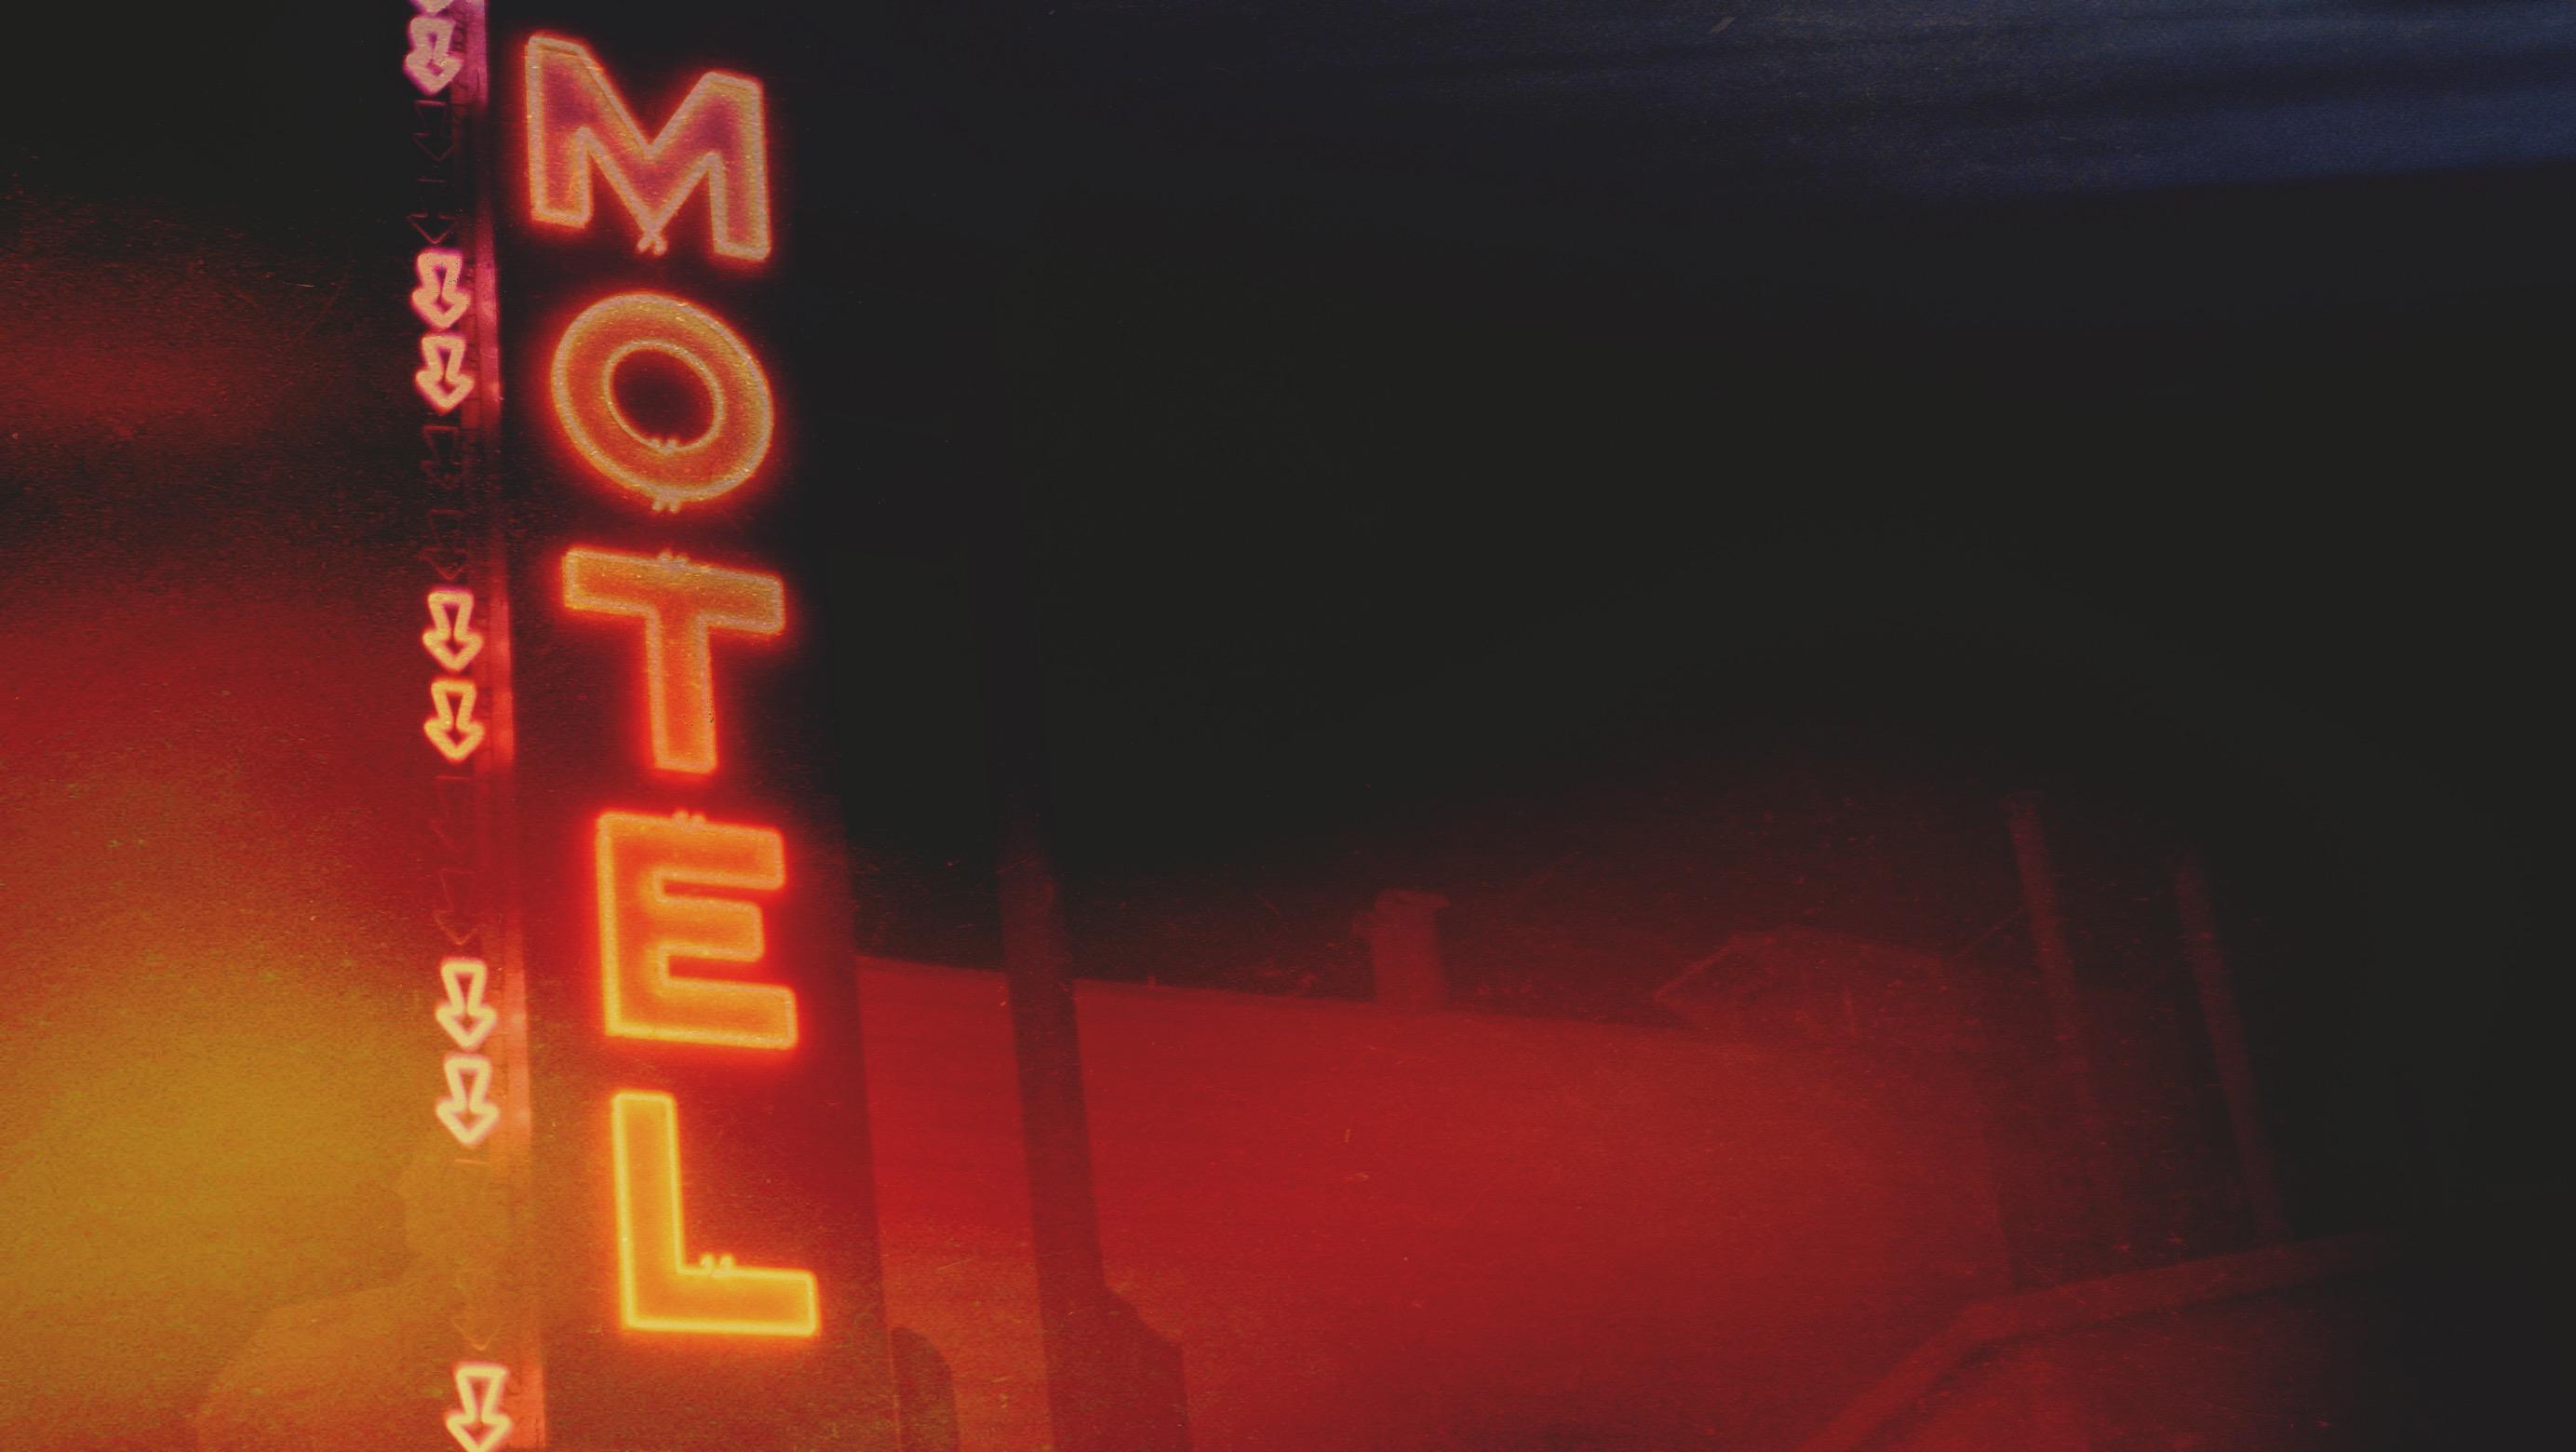 Motel red